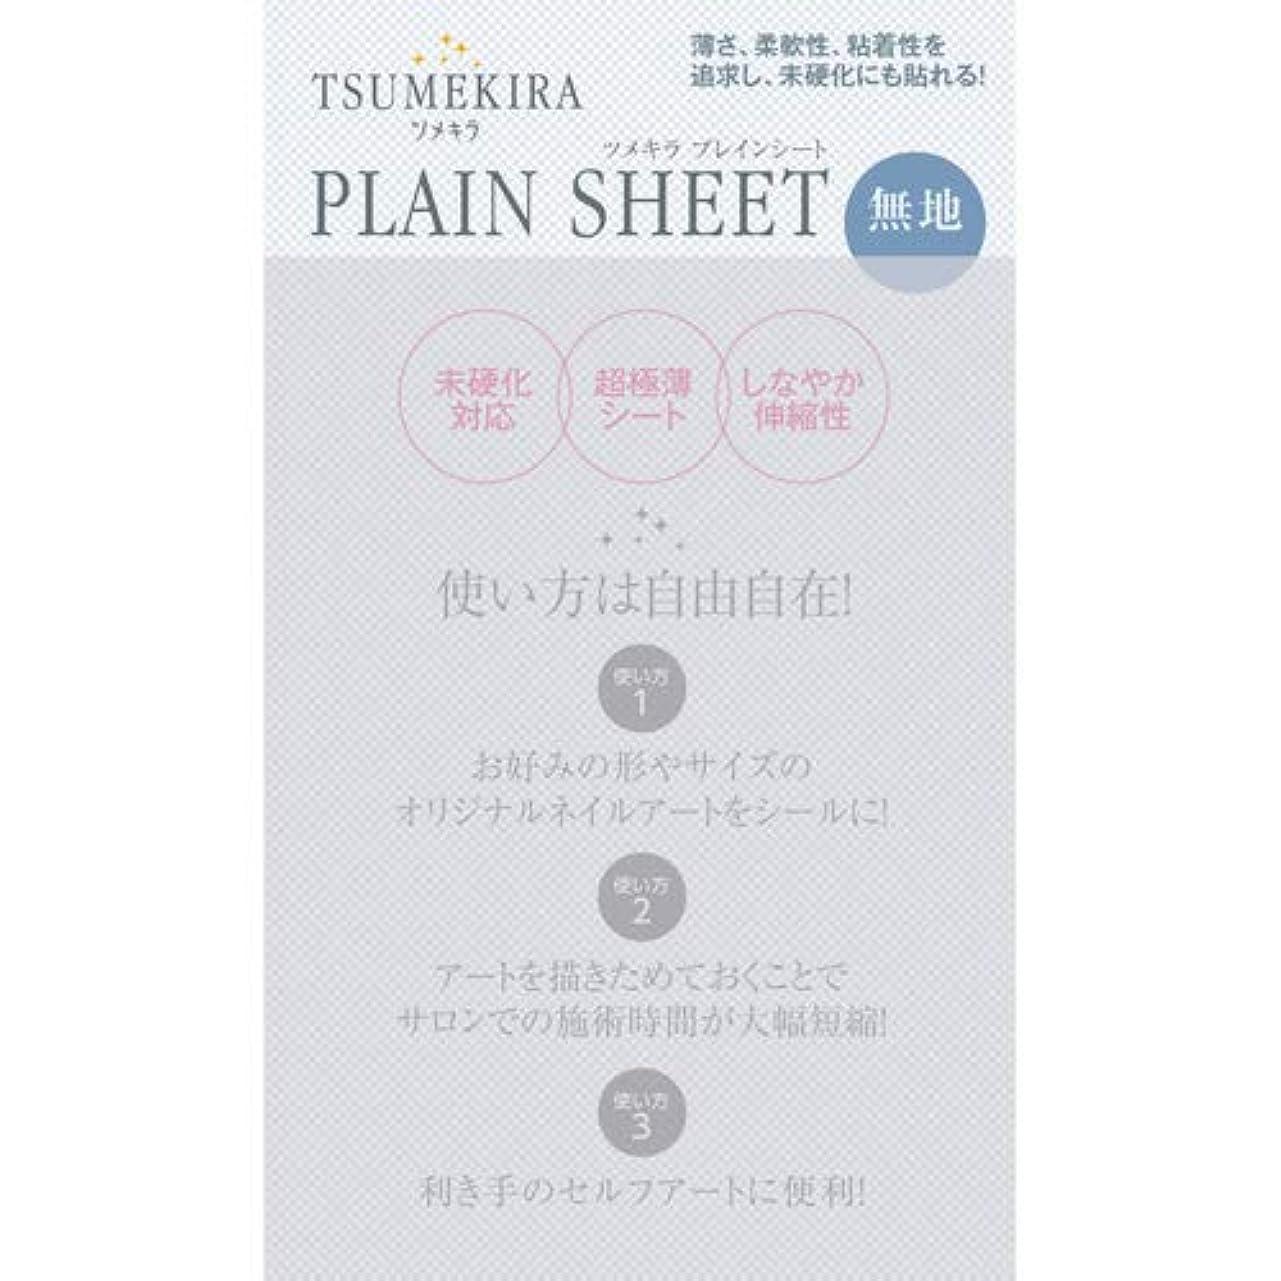 移住する増幅器違反TSUMEKIRA プレインシート 【アート?ネイル用品】